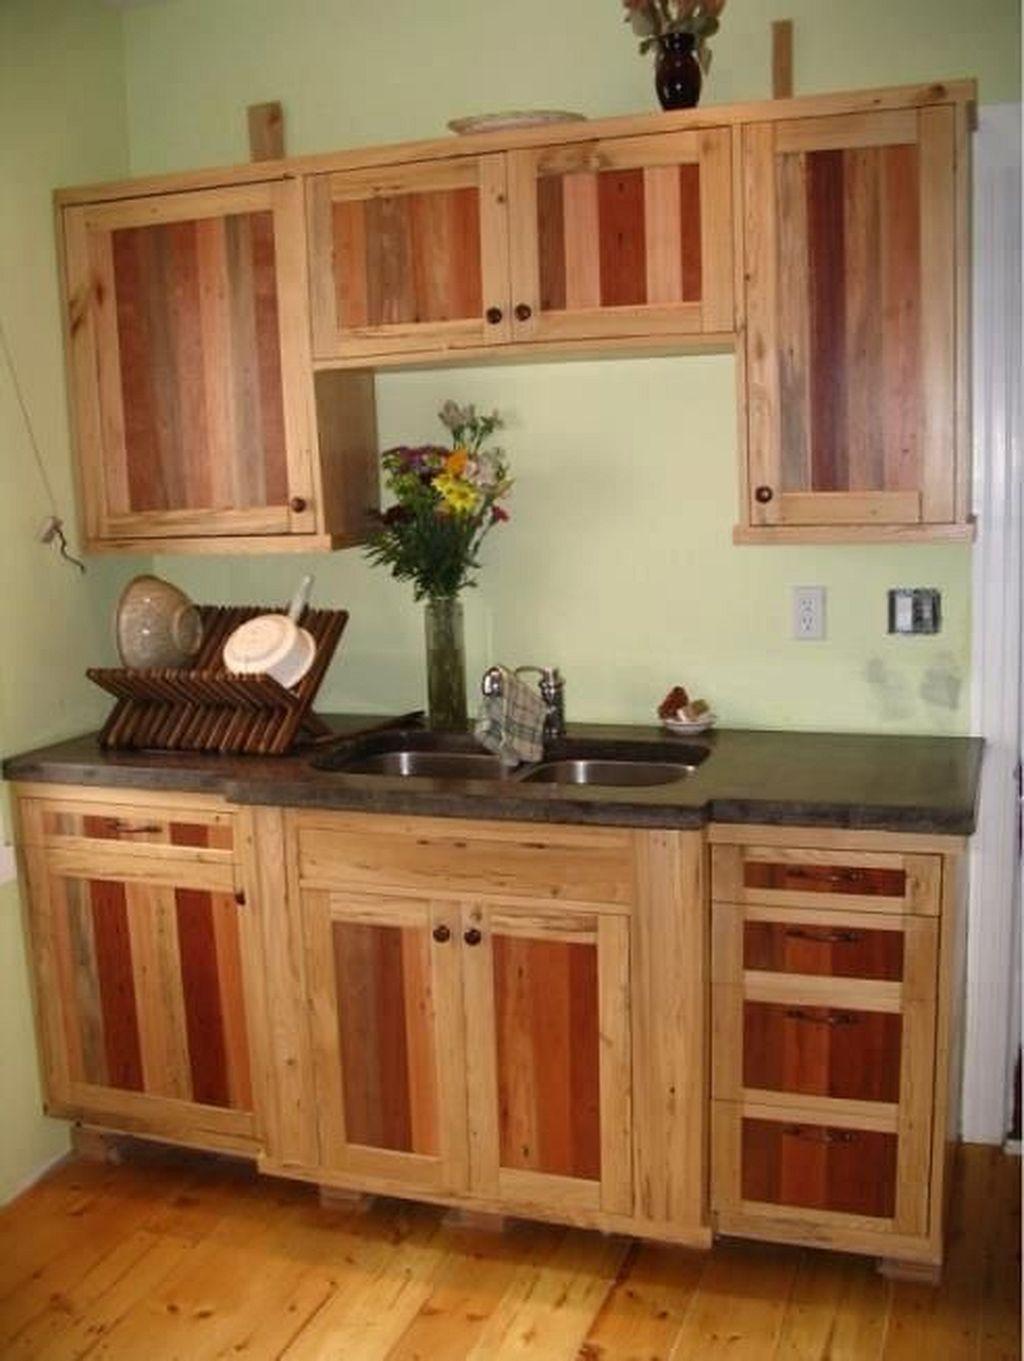 10 Top Diy Kitchen Pallets Ideas Manualidades Pinterest - Muebles-de-cocina-reciclados